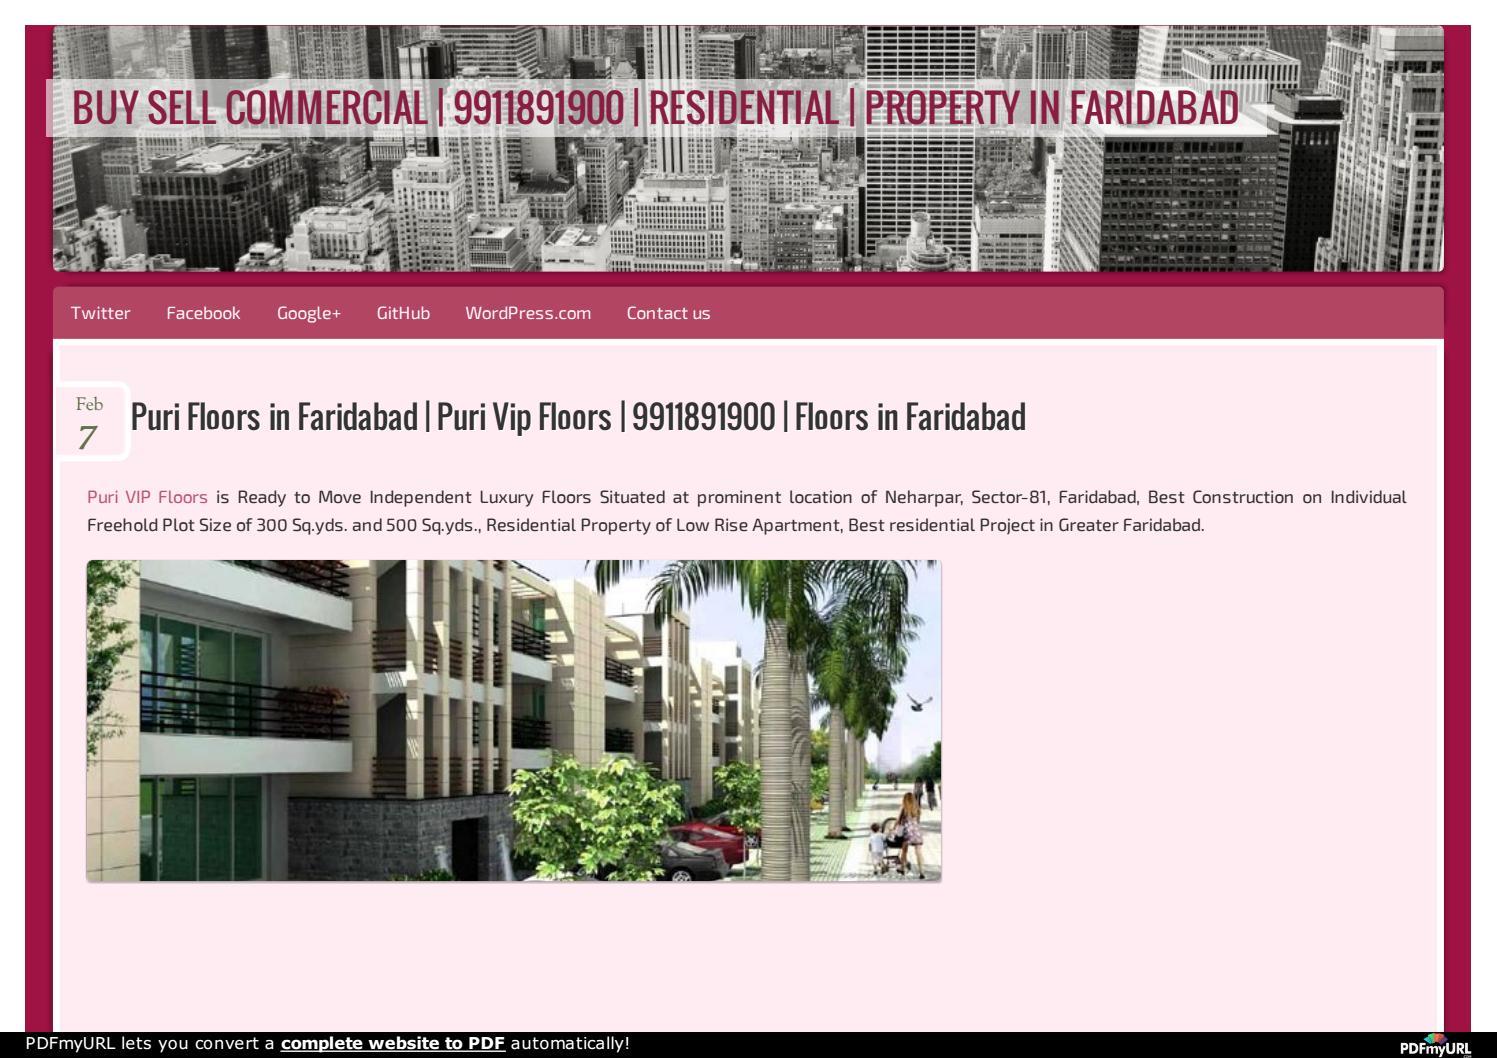 Puri Floors in Faridabad | Puri Vip Floors | 9911891900